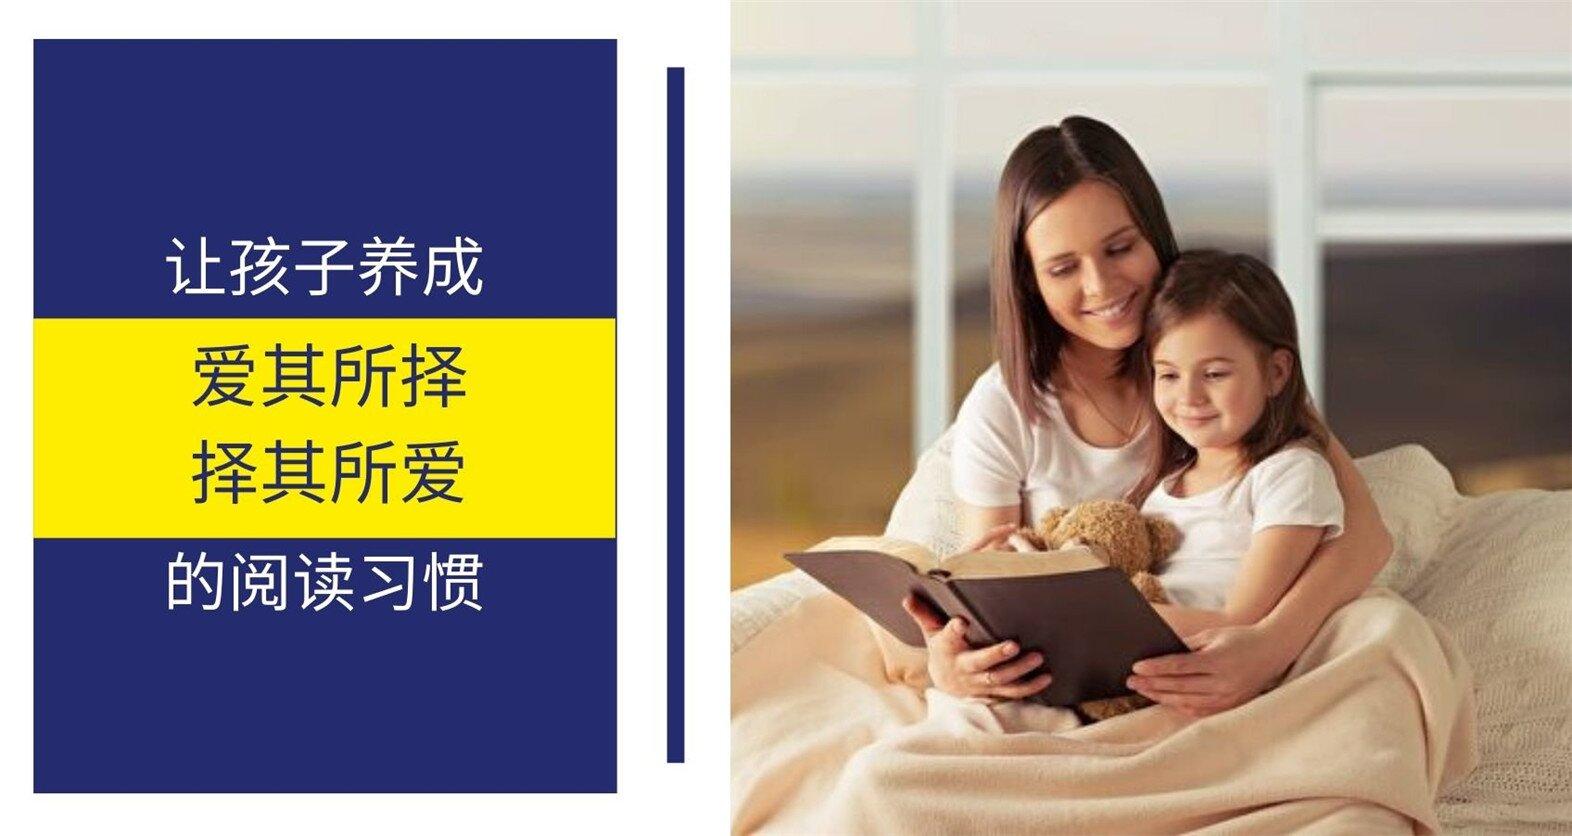 培养孩子阅读的好习惯